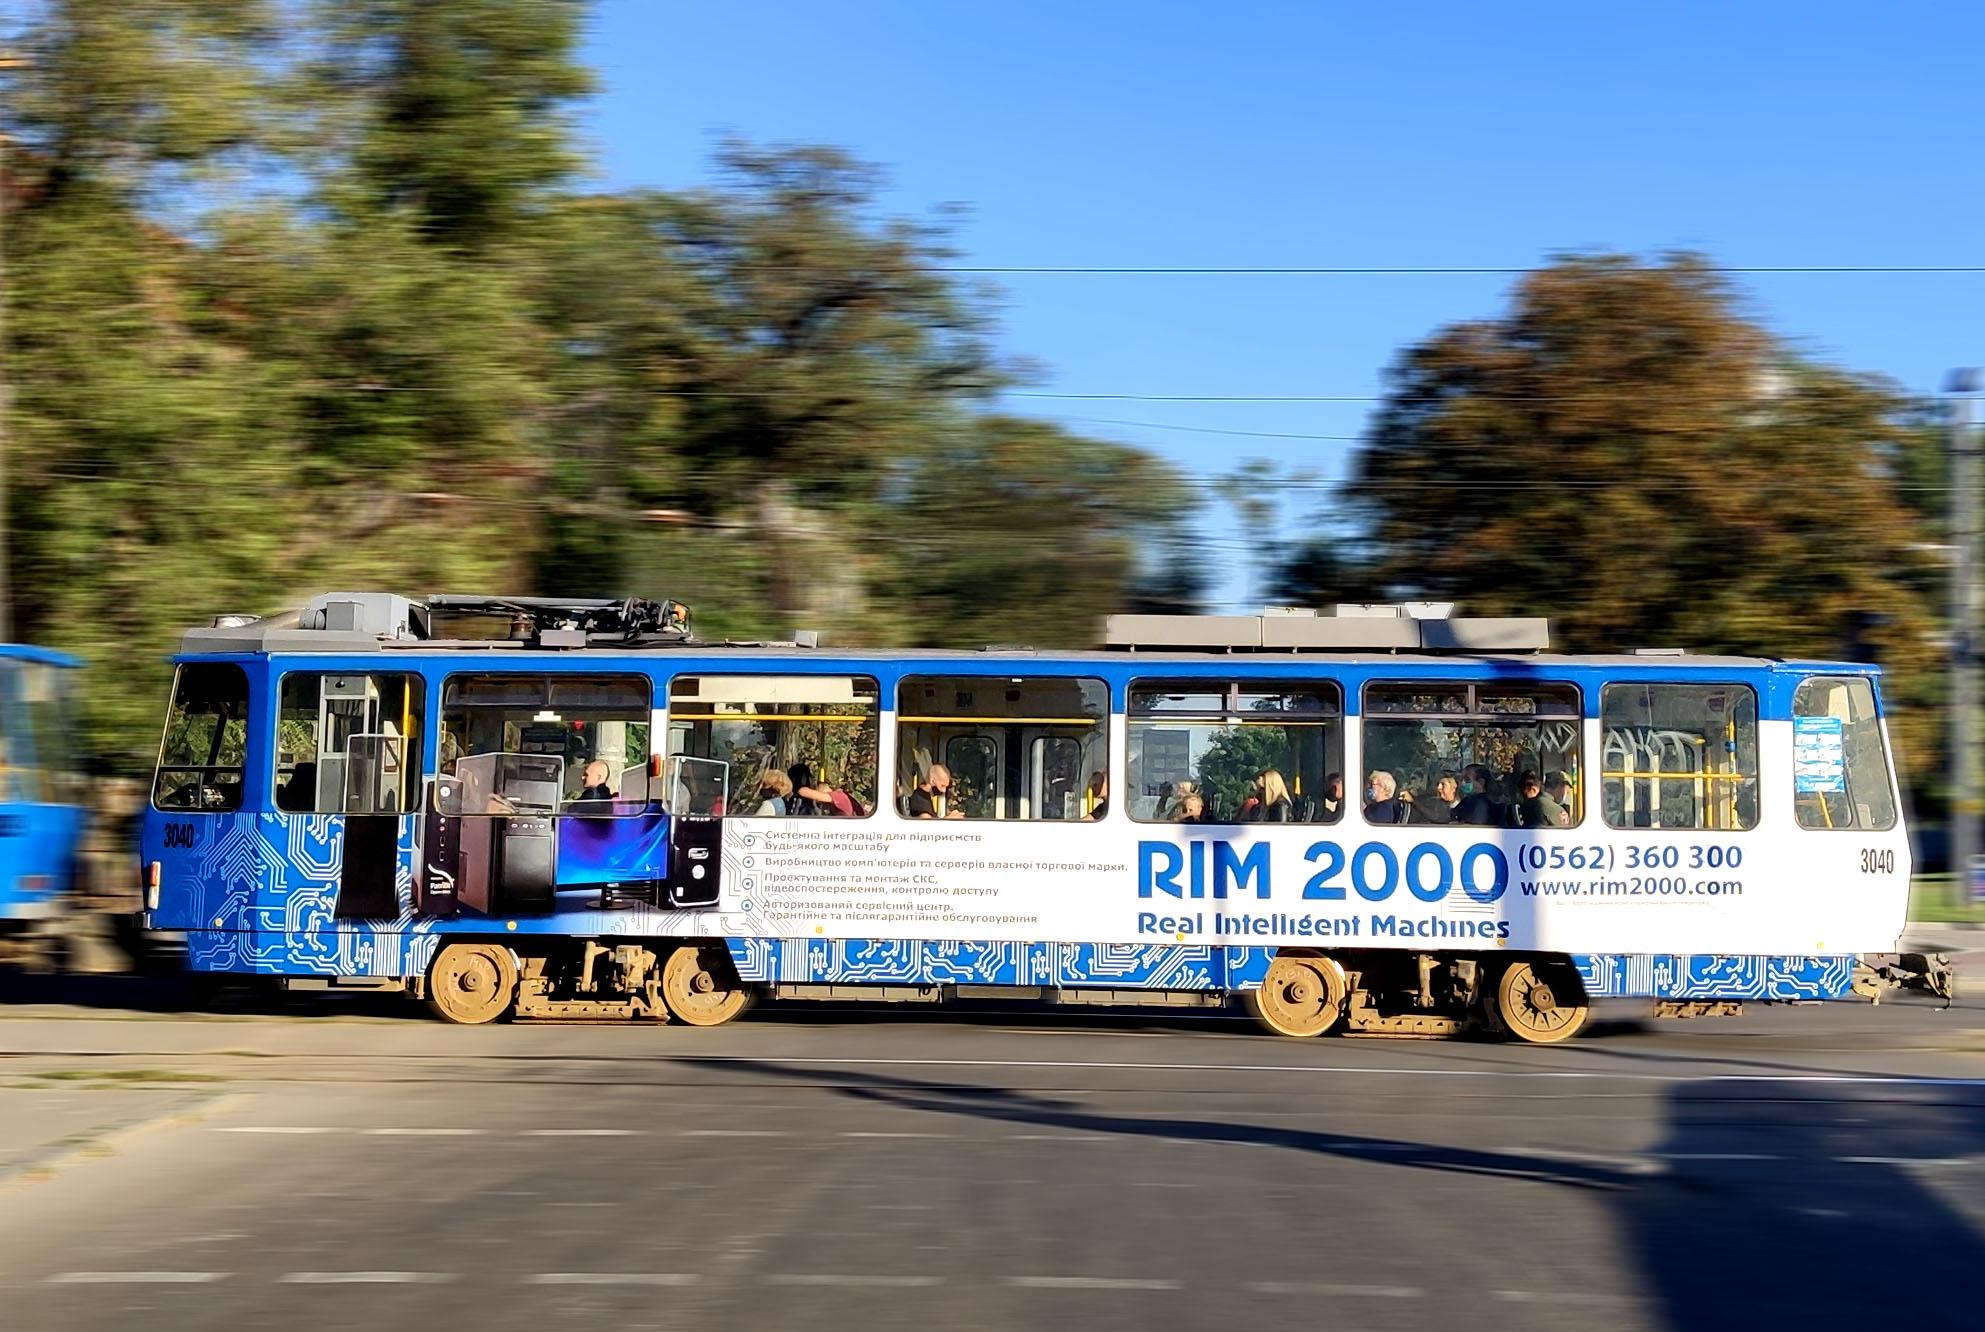 rim2000 case2